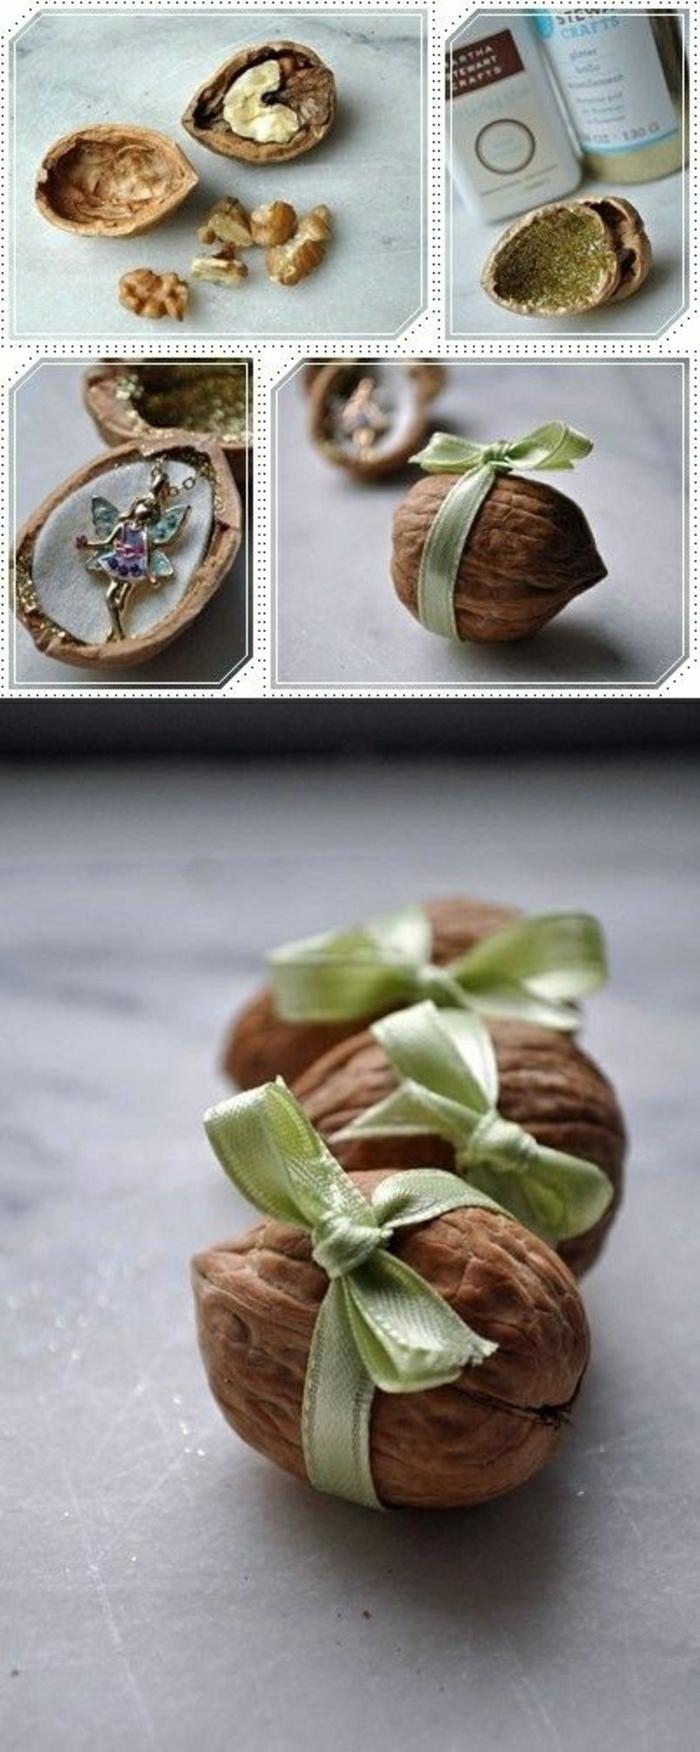 1-diy-idee-pour-cadeau-original-noix-pour-cacher-votre-cadeau-surprise-bague-de-mariee